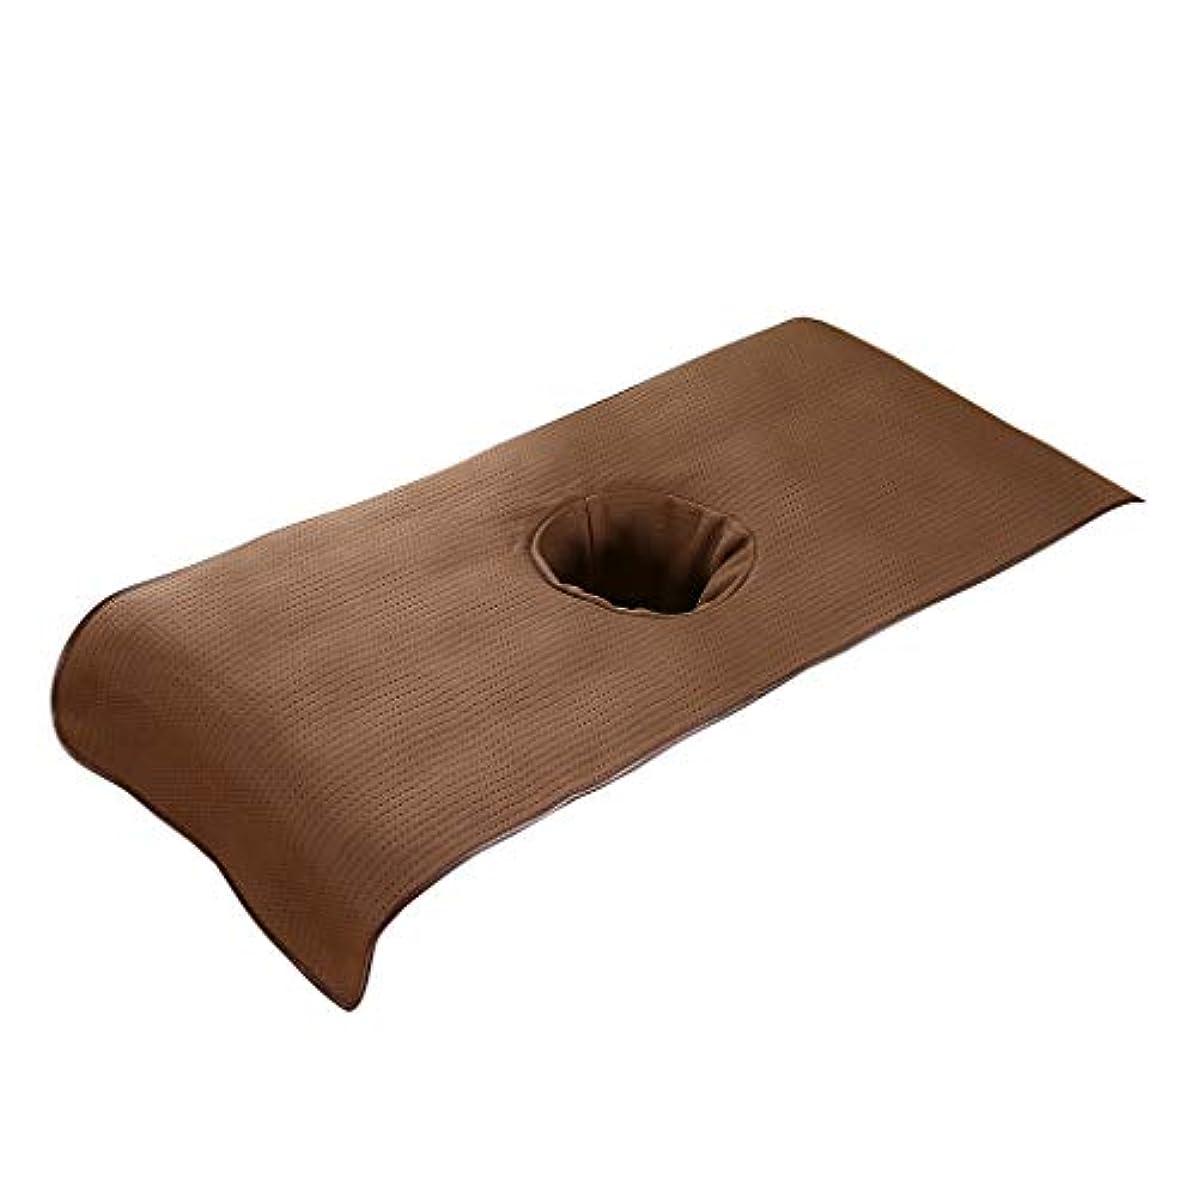 死想像力豊かな経済スパ マッサージベッドカバー 有孔 美容ベッドカバー マッサージテーブルスカート 快適 通気性 - 褐色